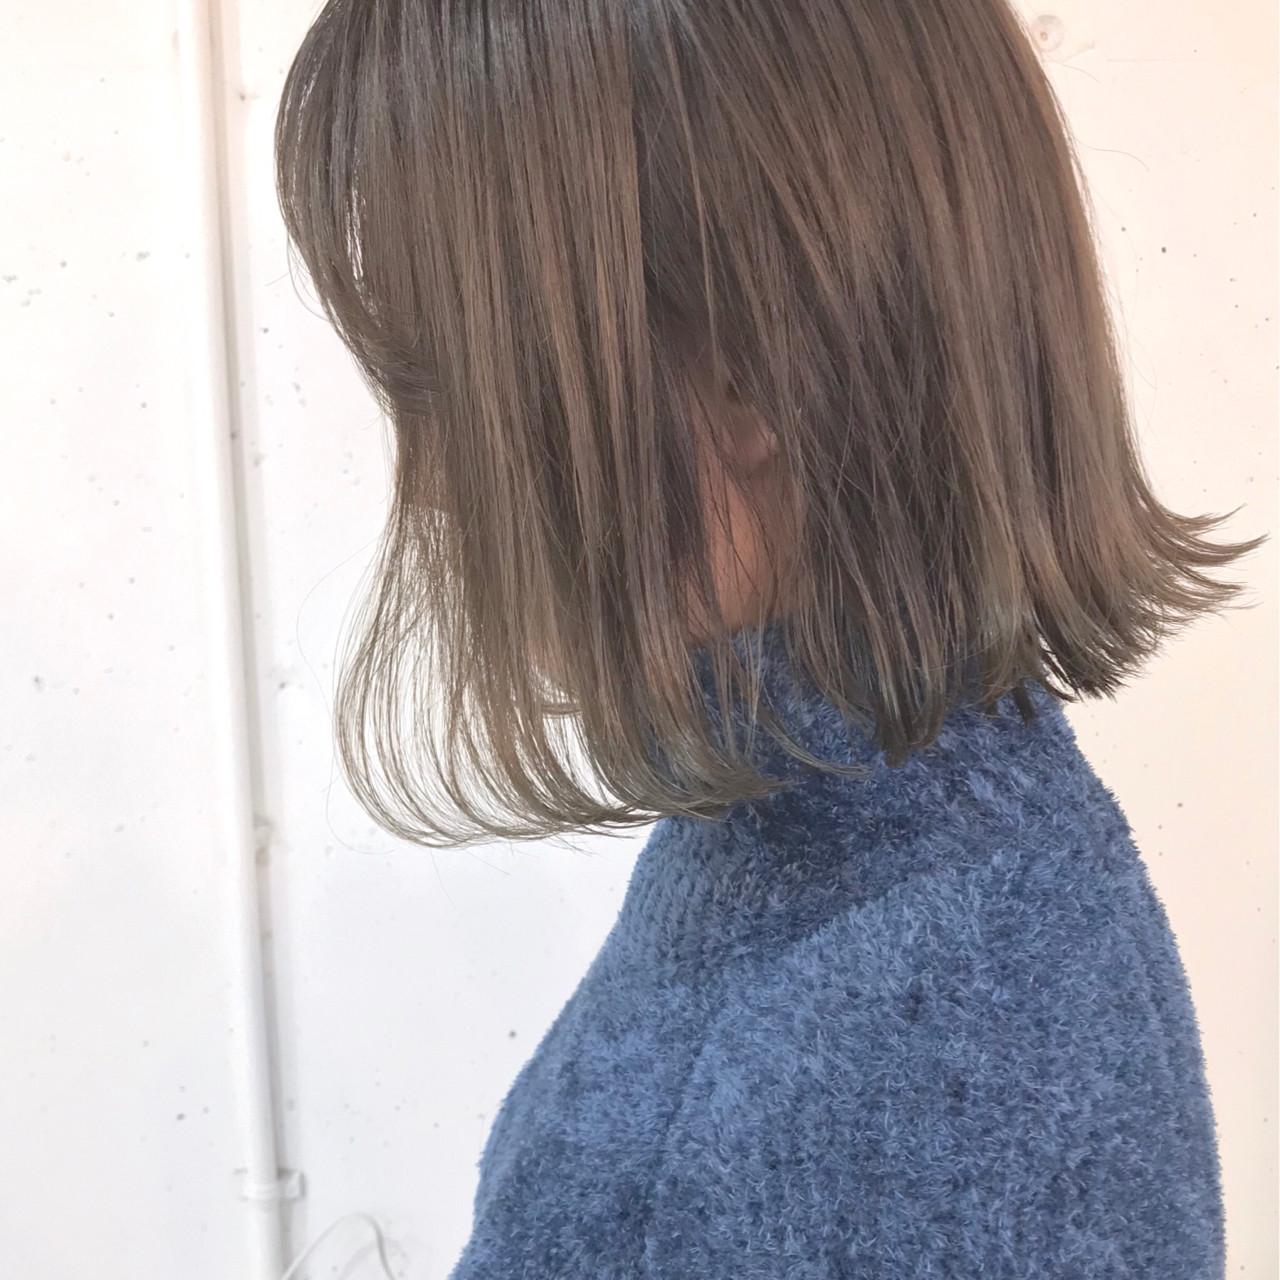 ゆるふわ 切りっぱなし アンニュイ グラデーションカラー ヘアスタイルや髪型の写真・画像 | sowi 阿部 辰也 / sowi hair design ソーイ